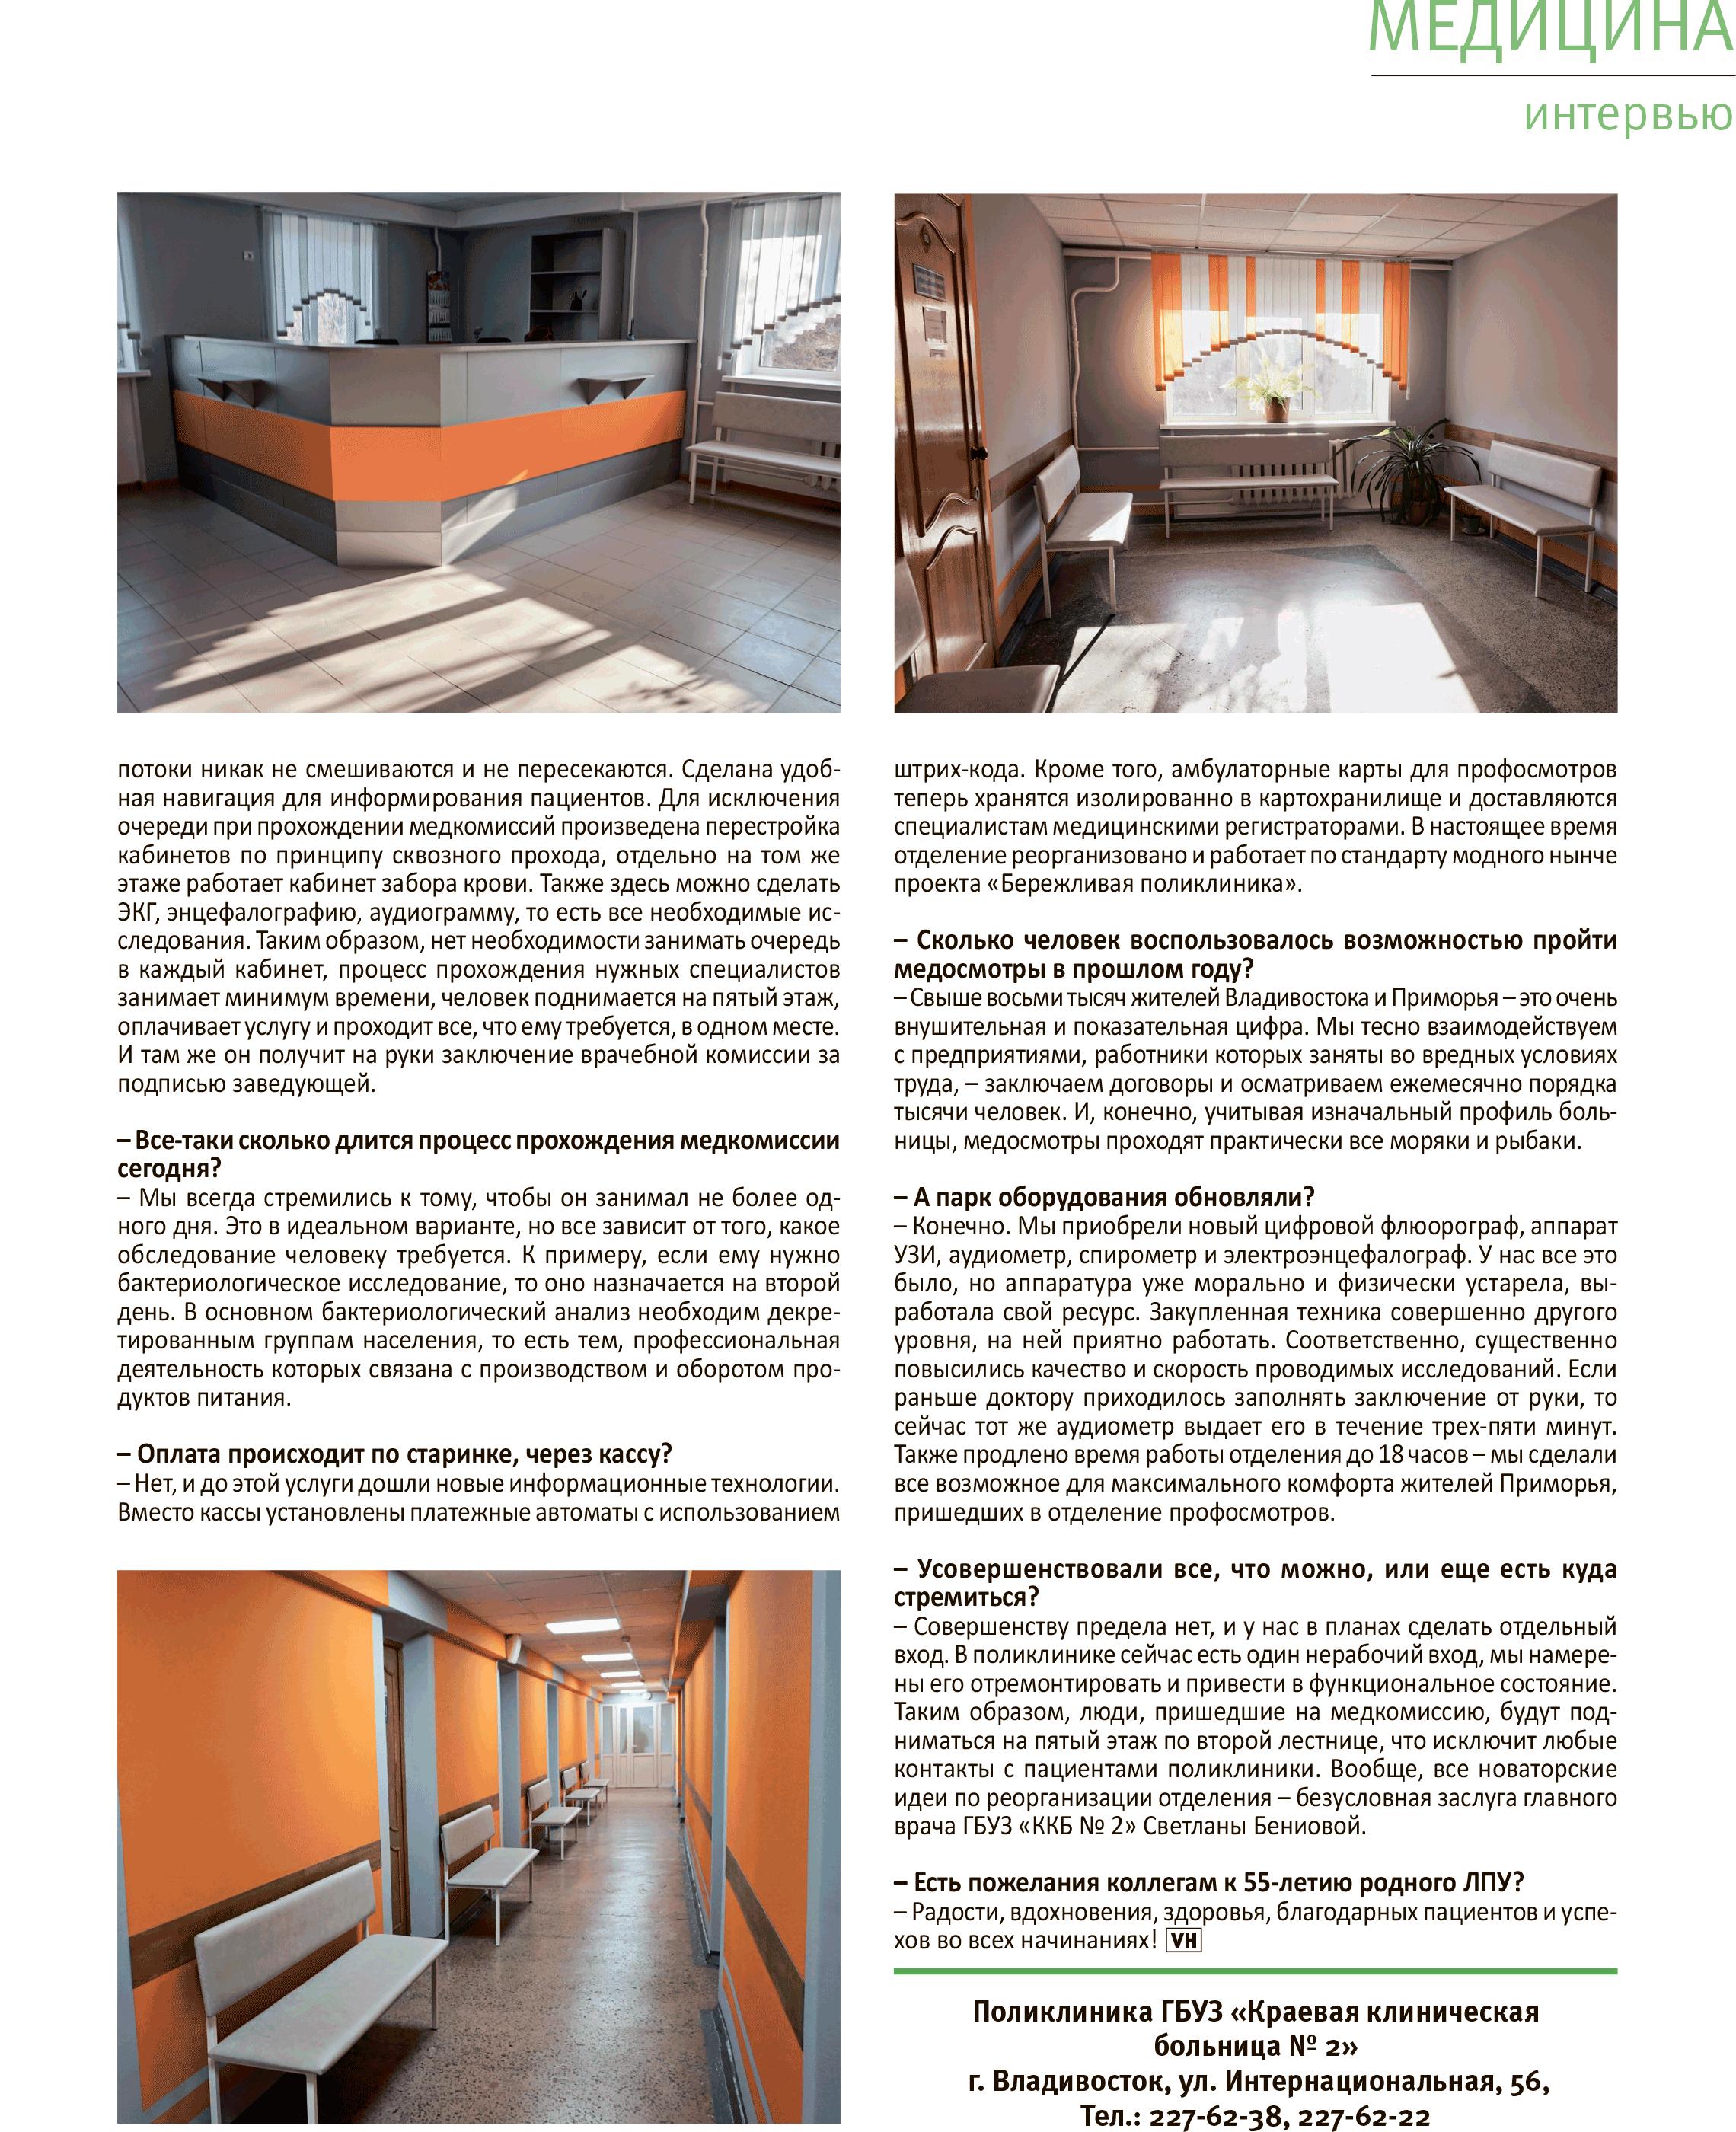 VH_February_2018_больница-рыбаков_02